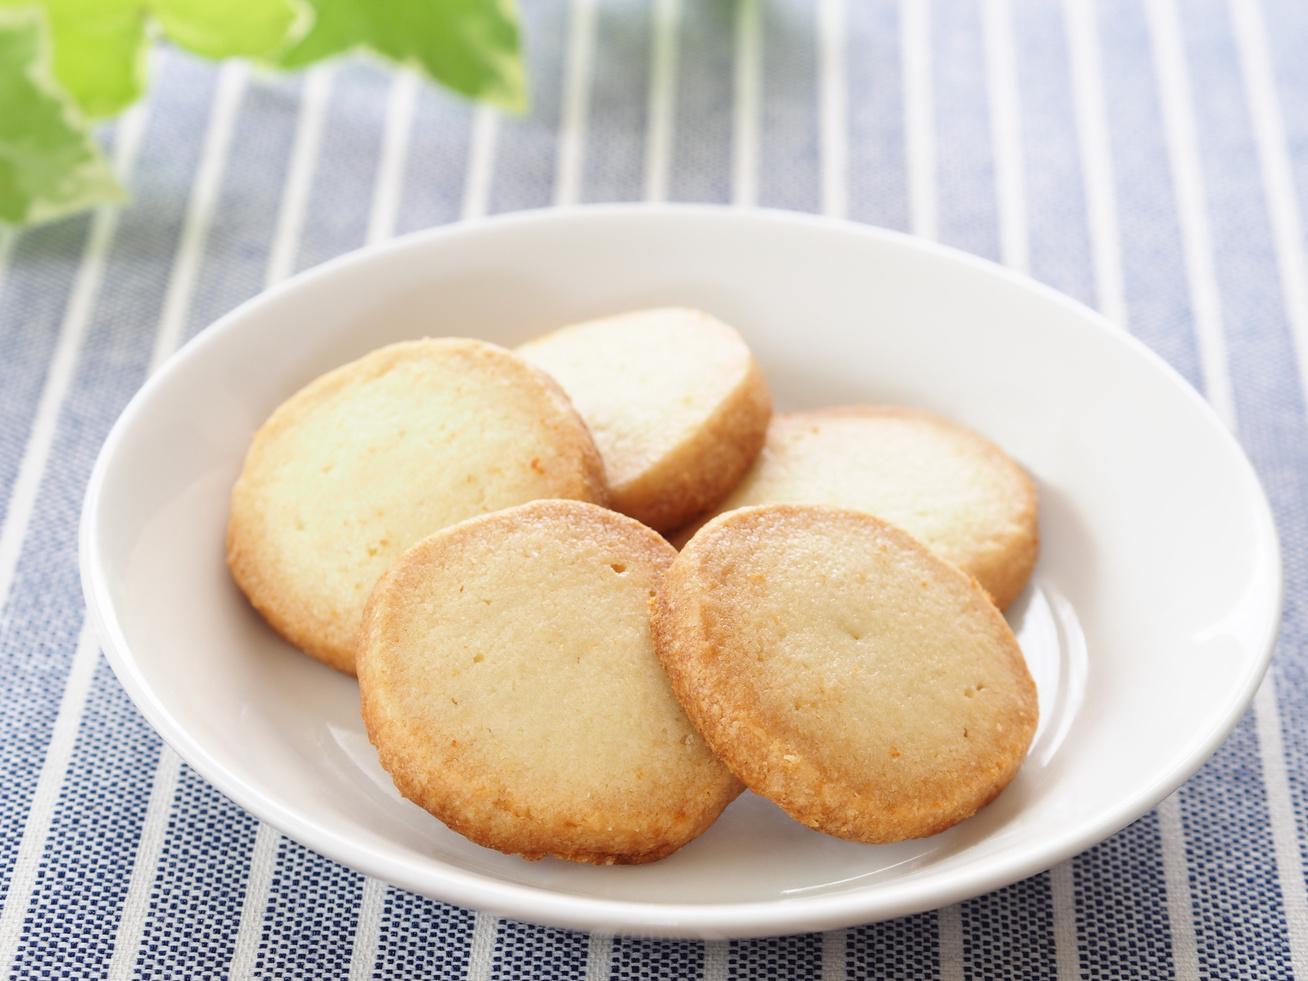 Házi marcipános keksz: a sok vajtól lesz fantasztikusan puha